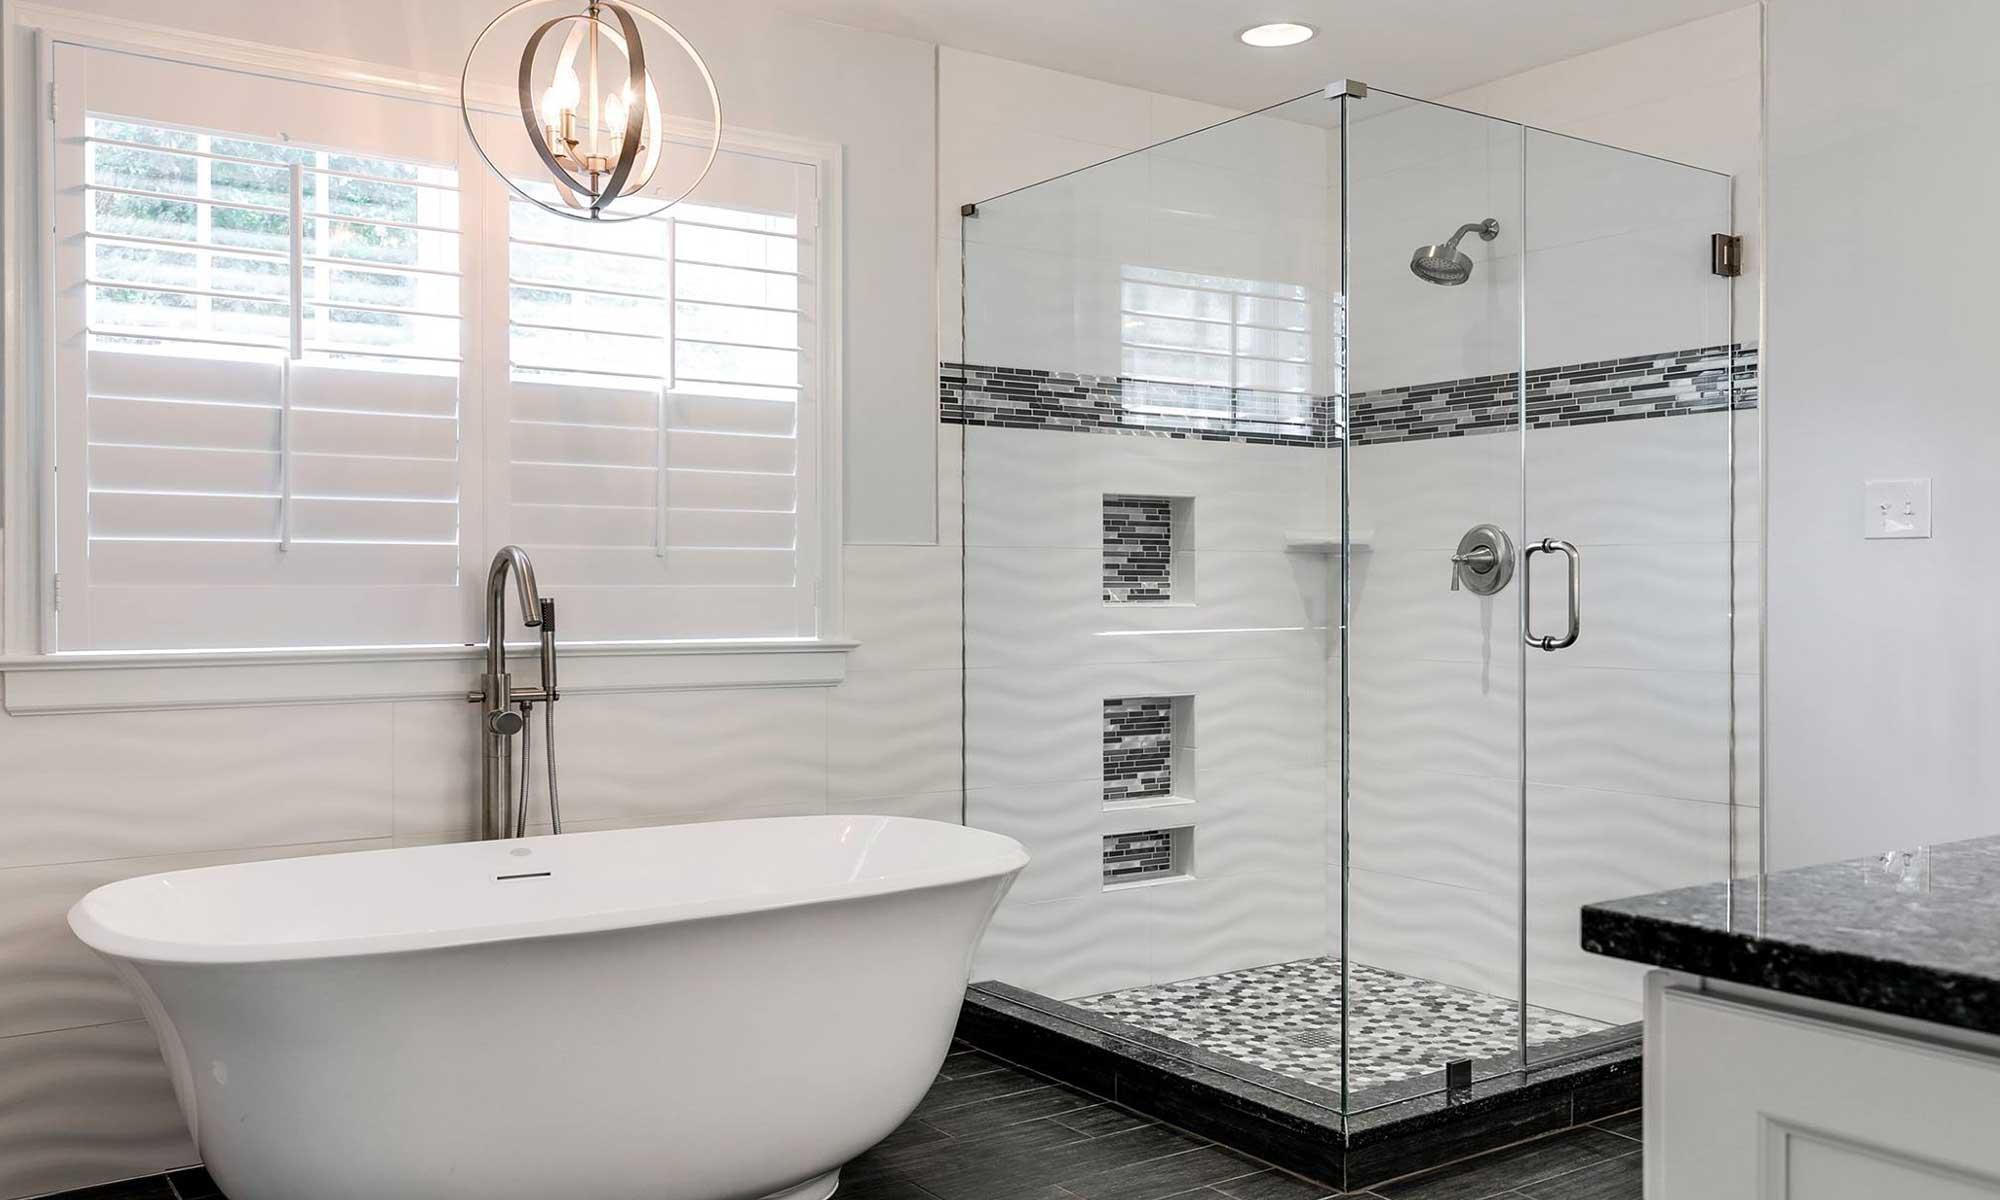 General remodeling contractor richmond henrico va - Bathroom contractors richmond va ...